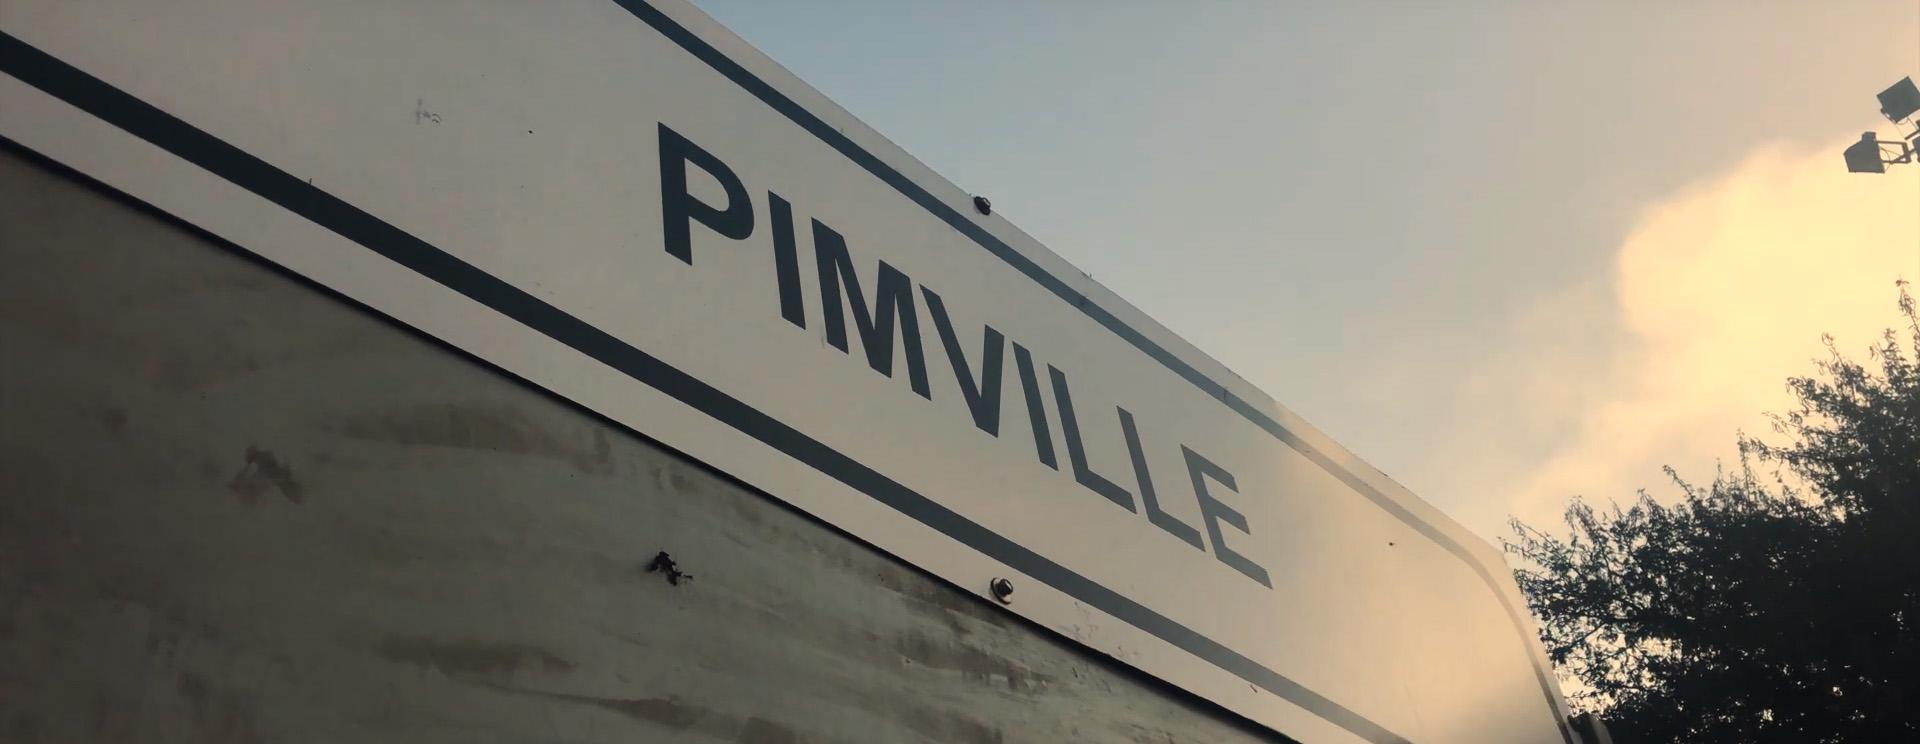 dating soweto pimville